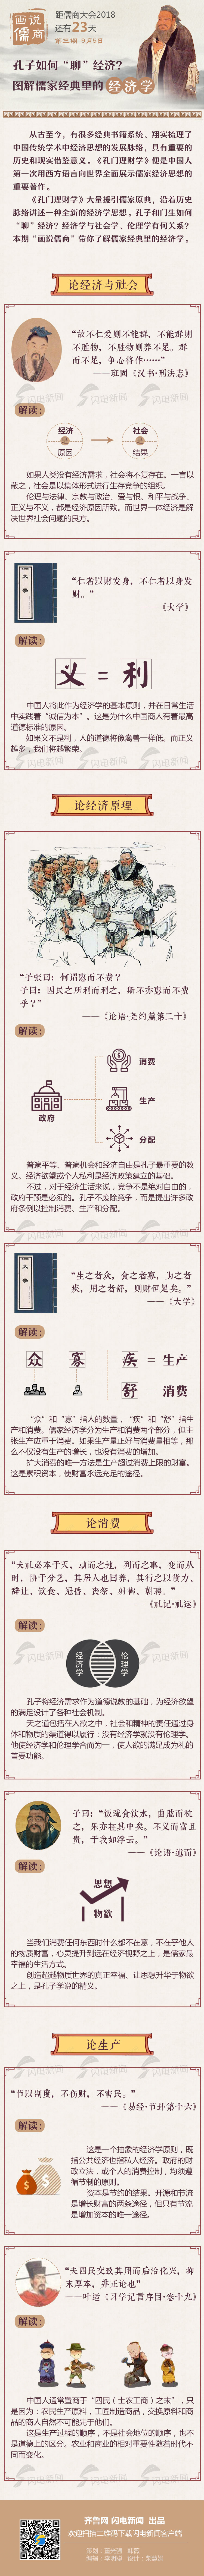 0904-儒商网画.jpg